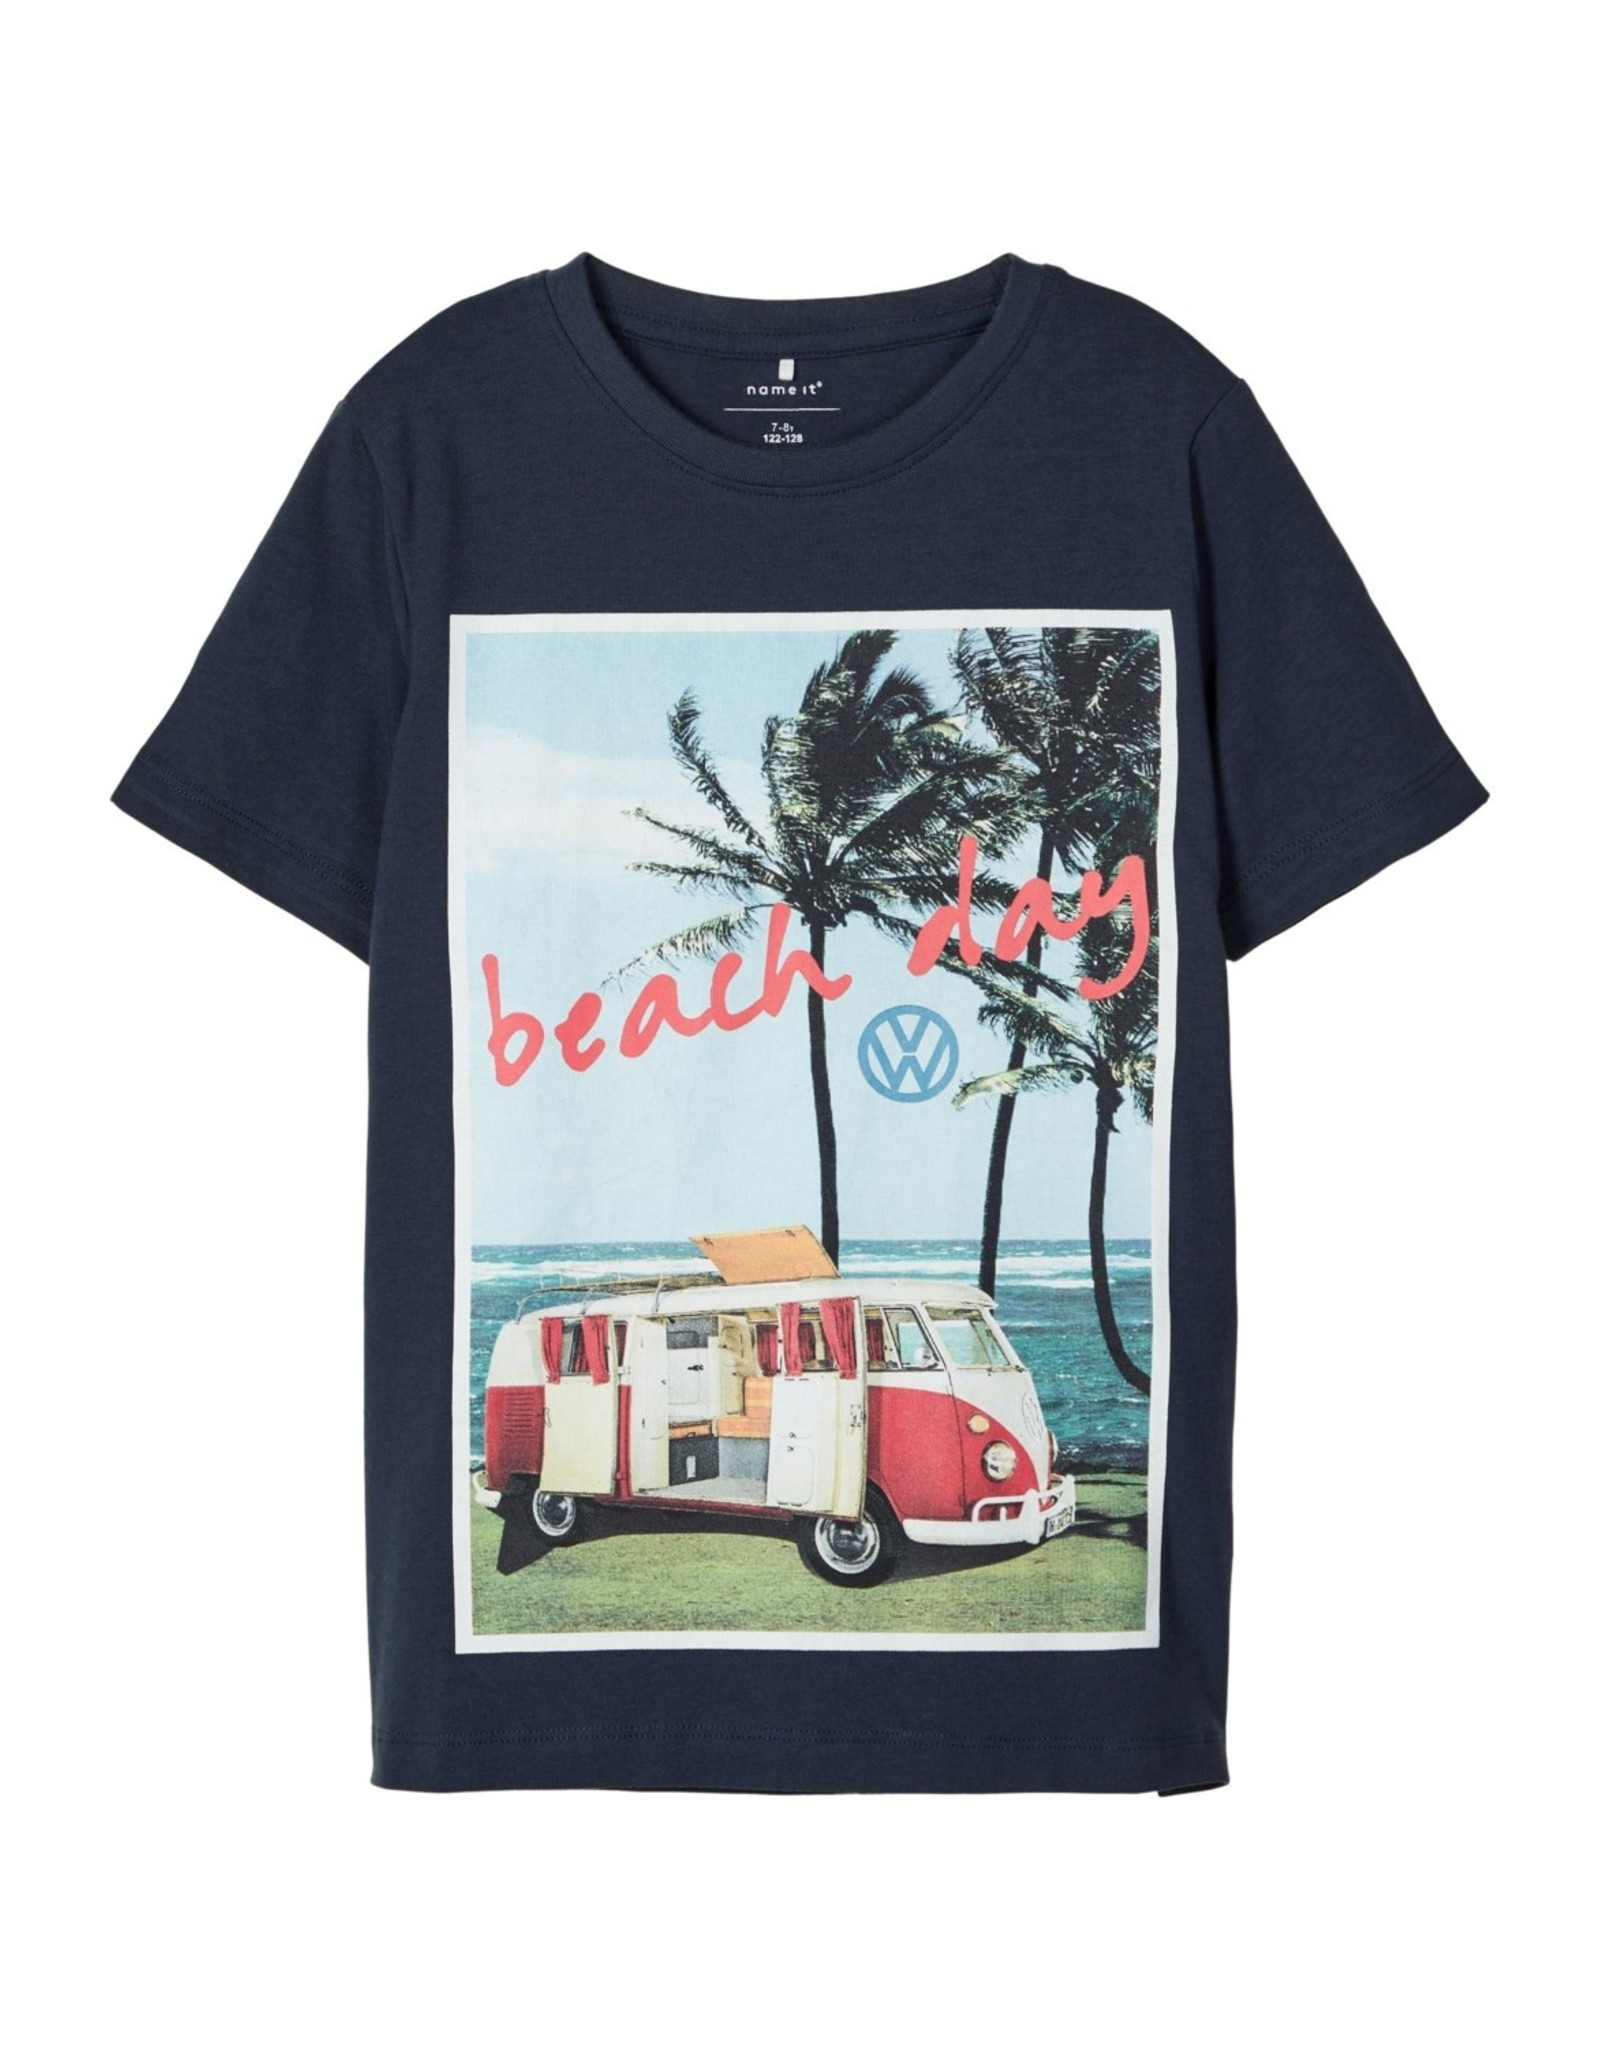 Name It T-shirt met Volkswagen busje (2 kleuren)